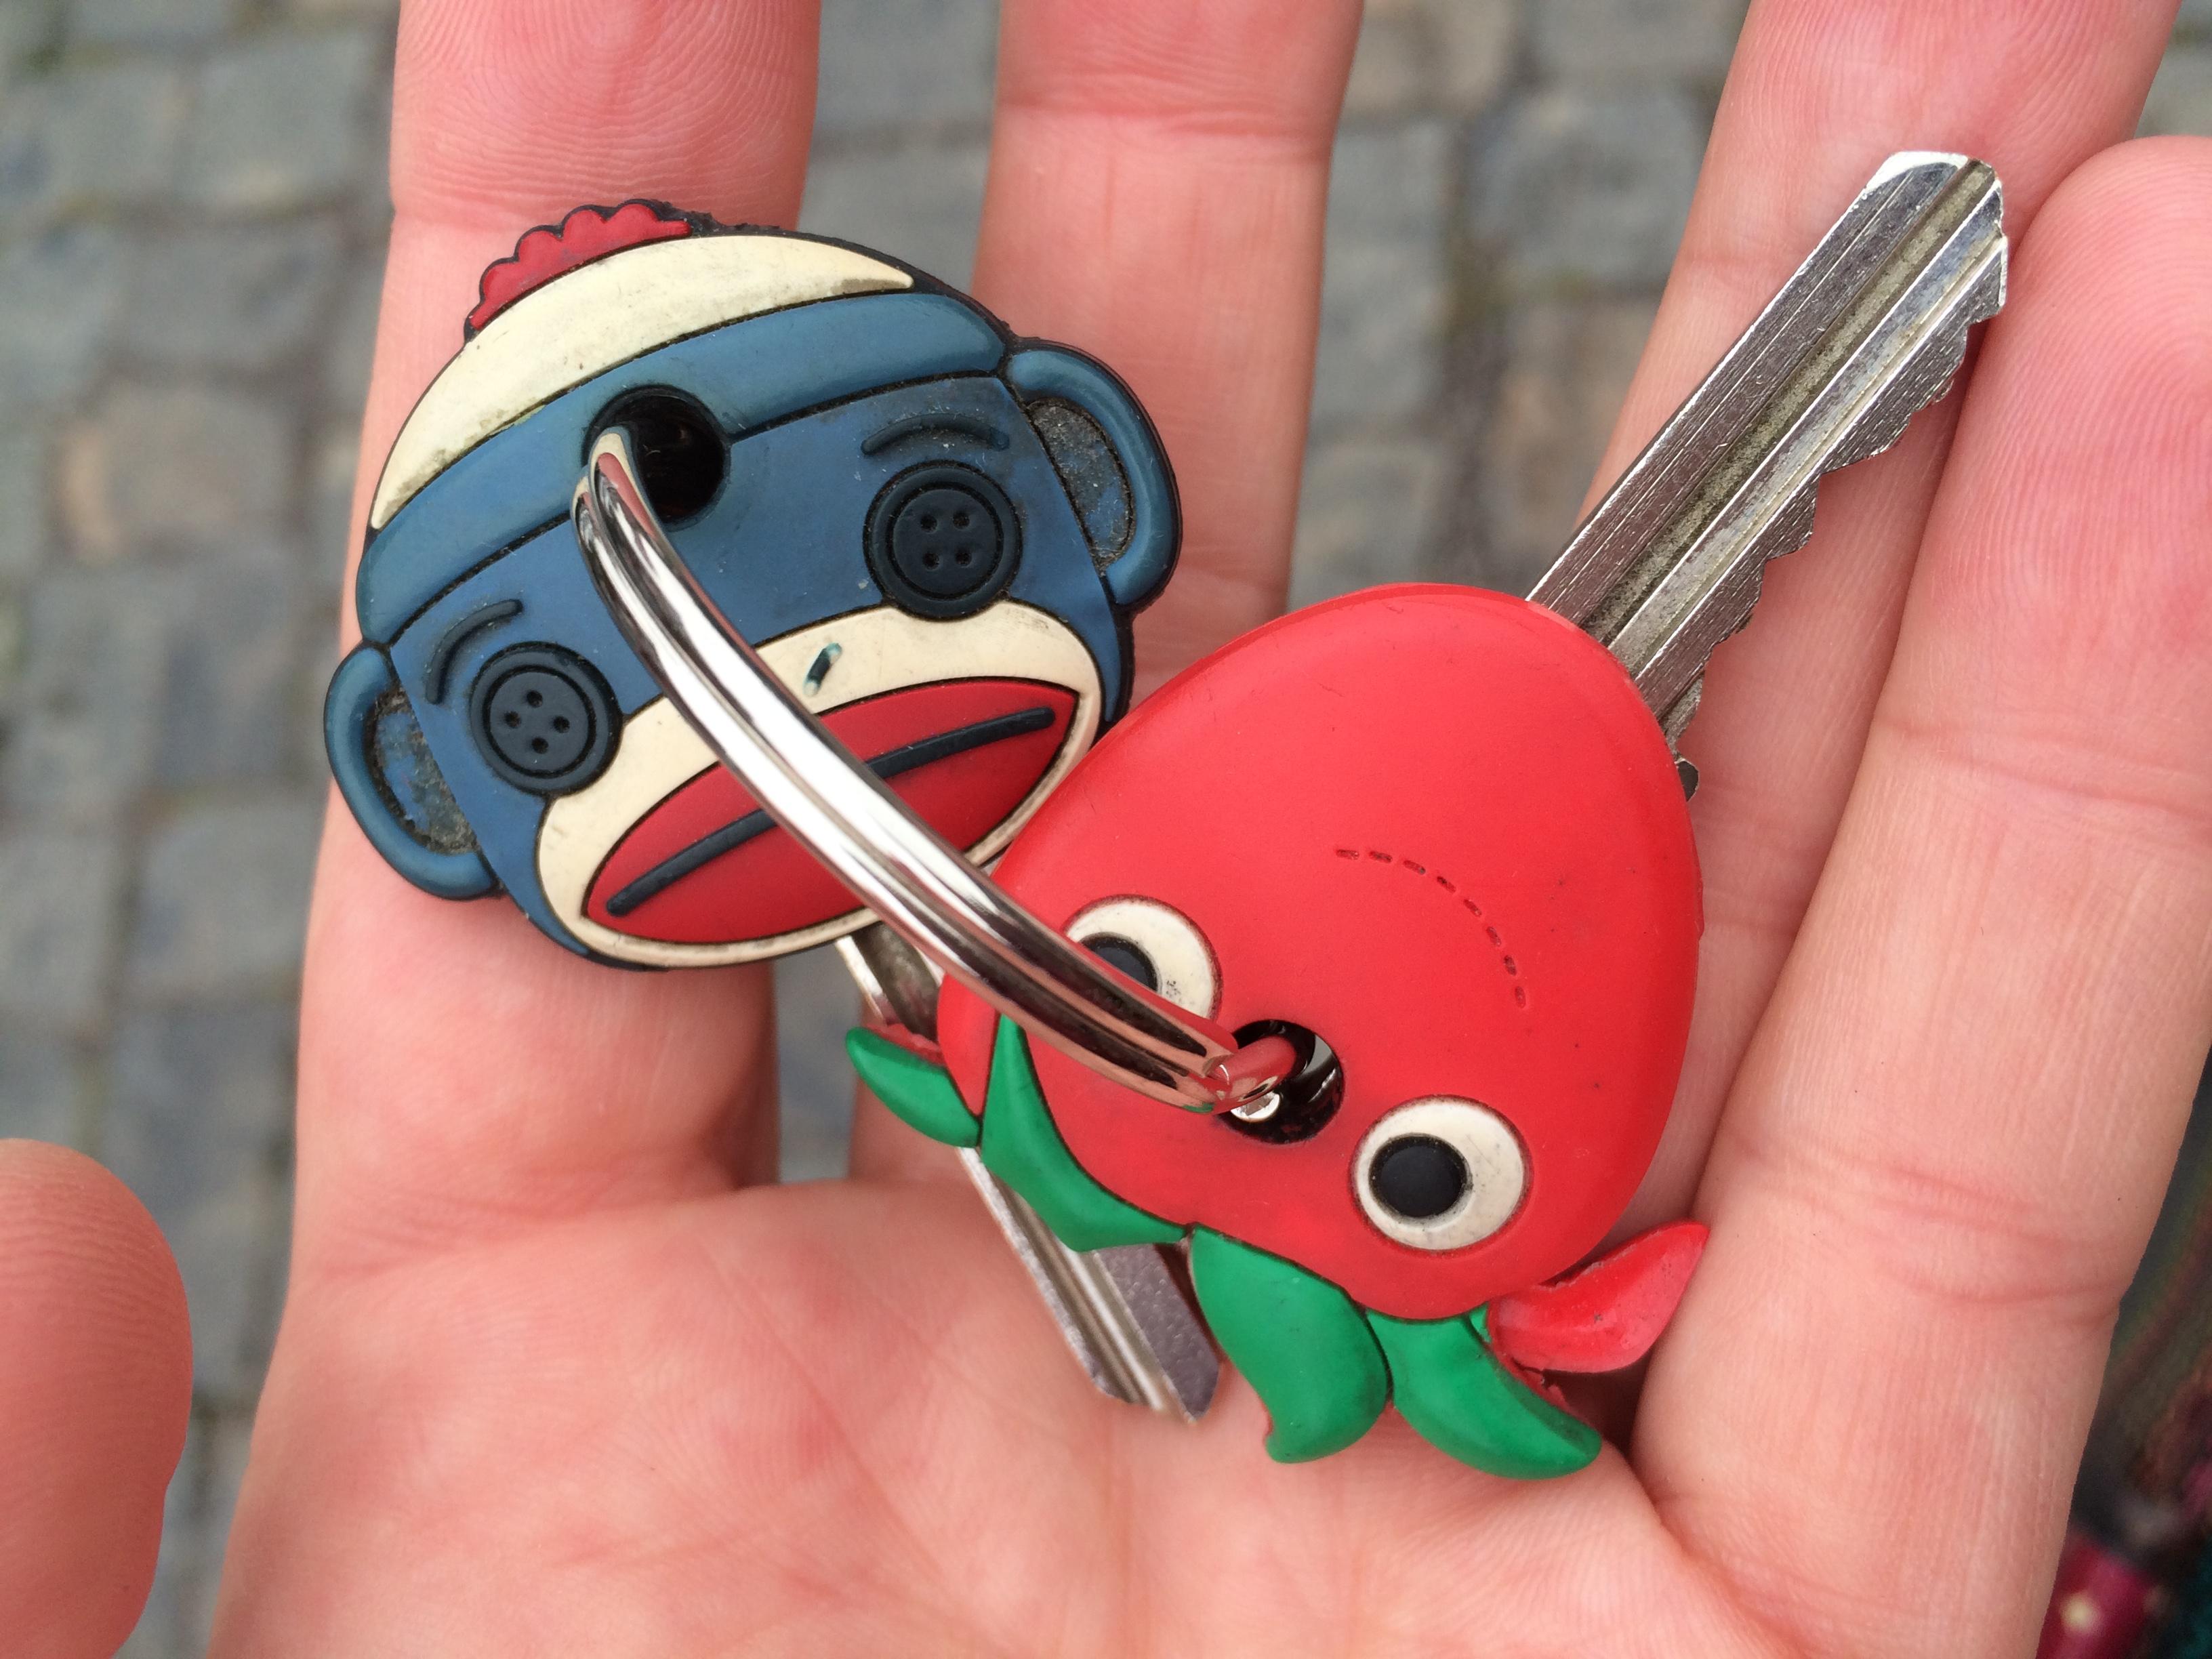 Atelierschlüssel in Hand